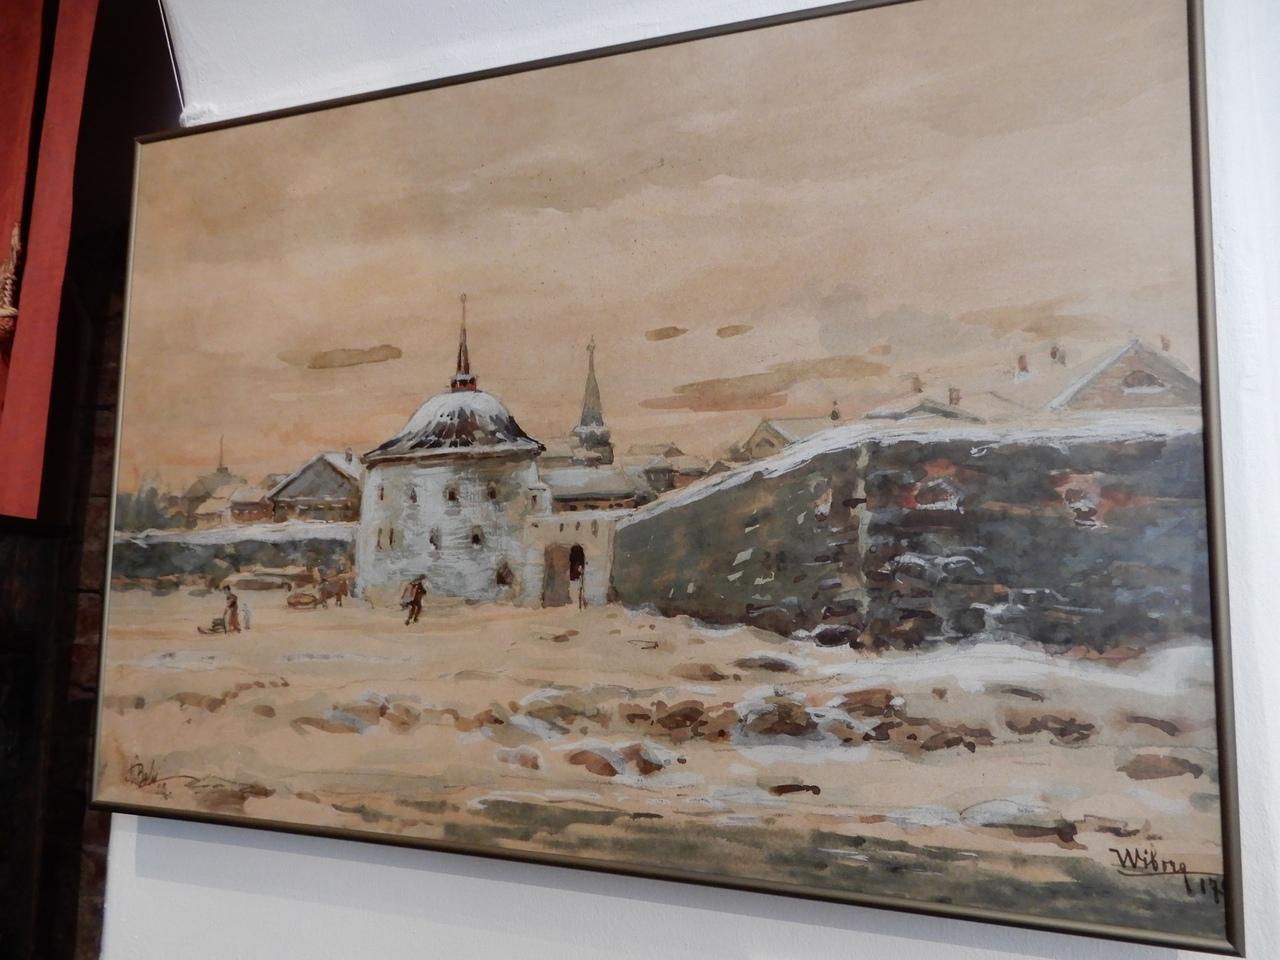 """Крепостная стена вокруг Выборга и круглая башня, которую мне все время хочется назвать """"толстой"""" по аналогии с башней в Таллине"""